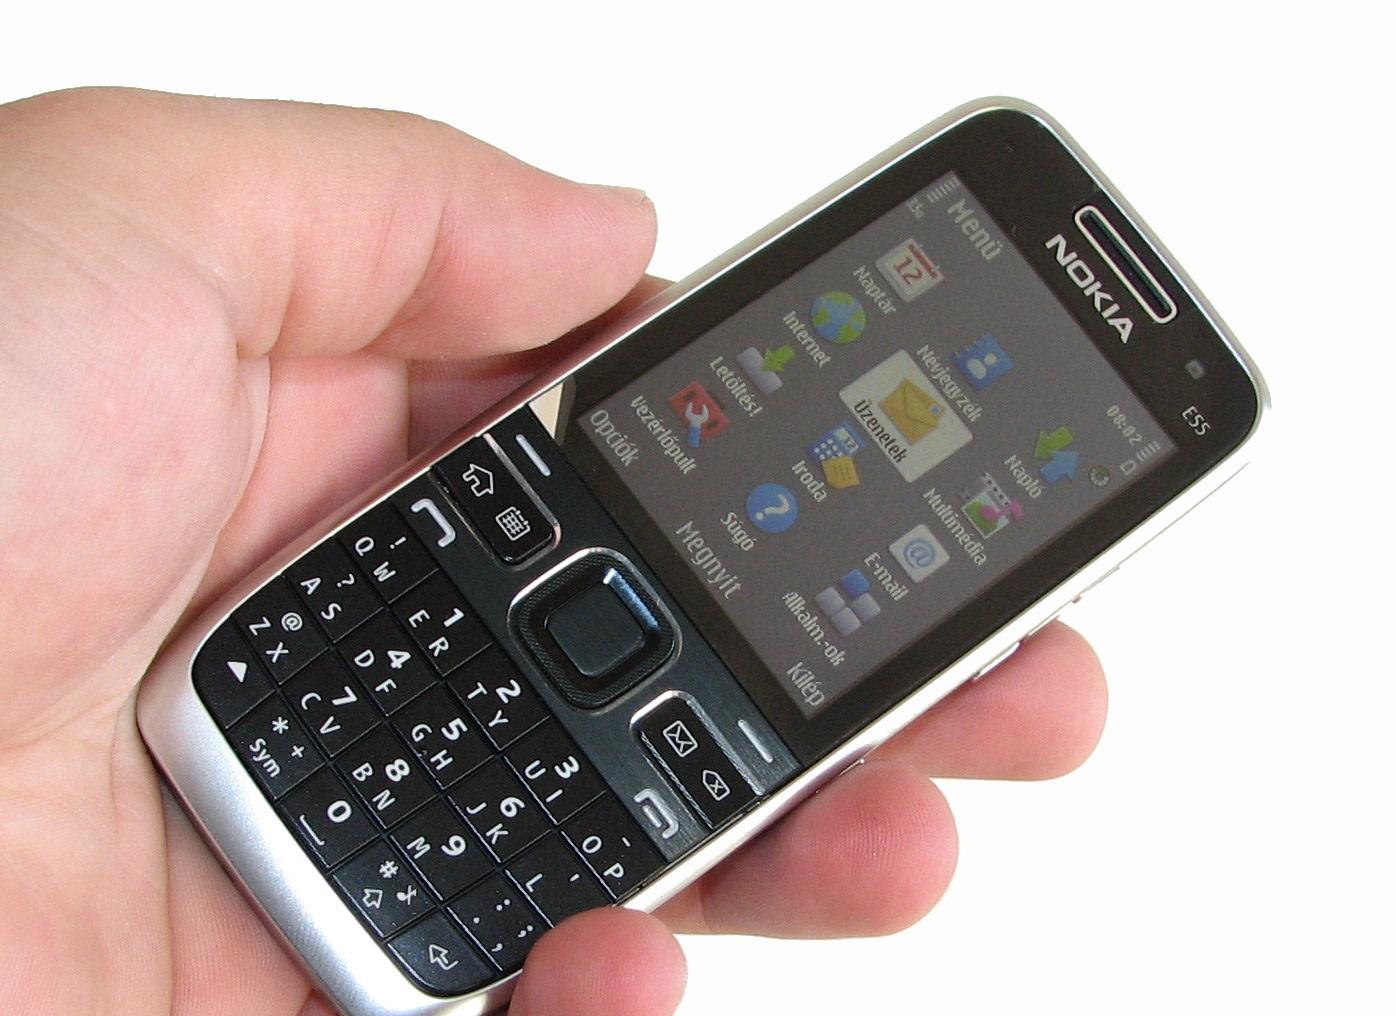 Scarica WhatsApp gratuitamente per Nokia E51, E52, E55, E66, modalità E73 ed E90 3